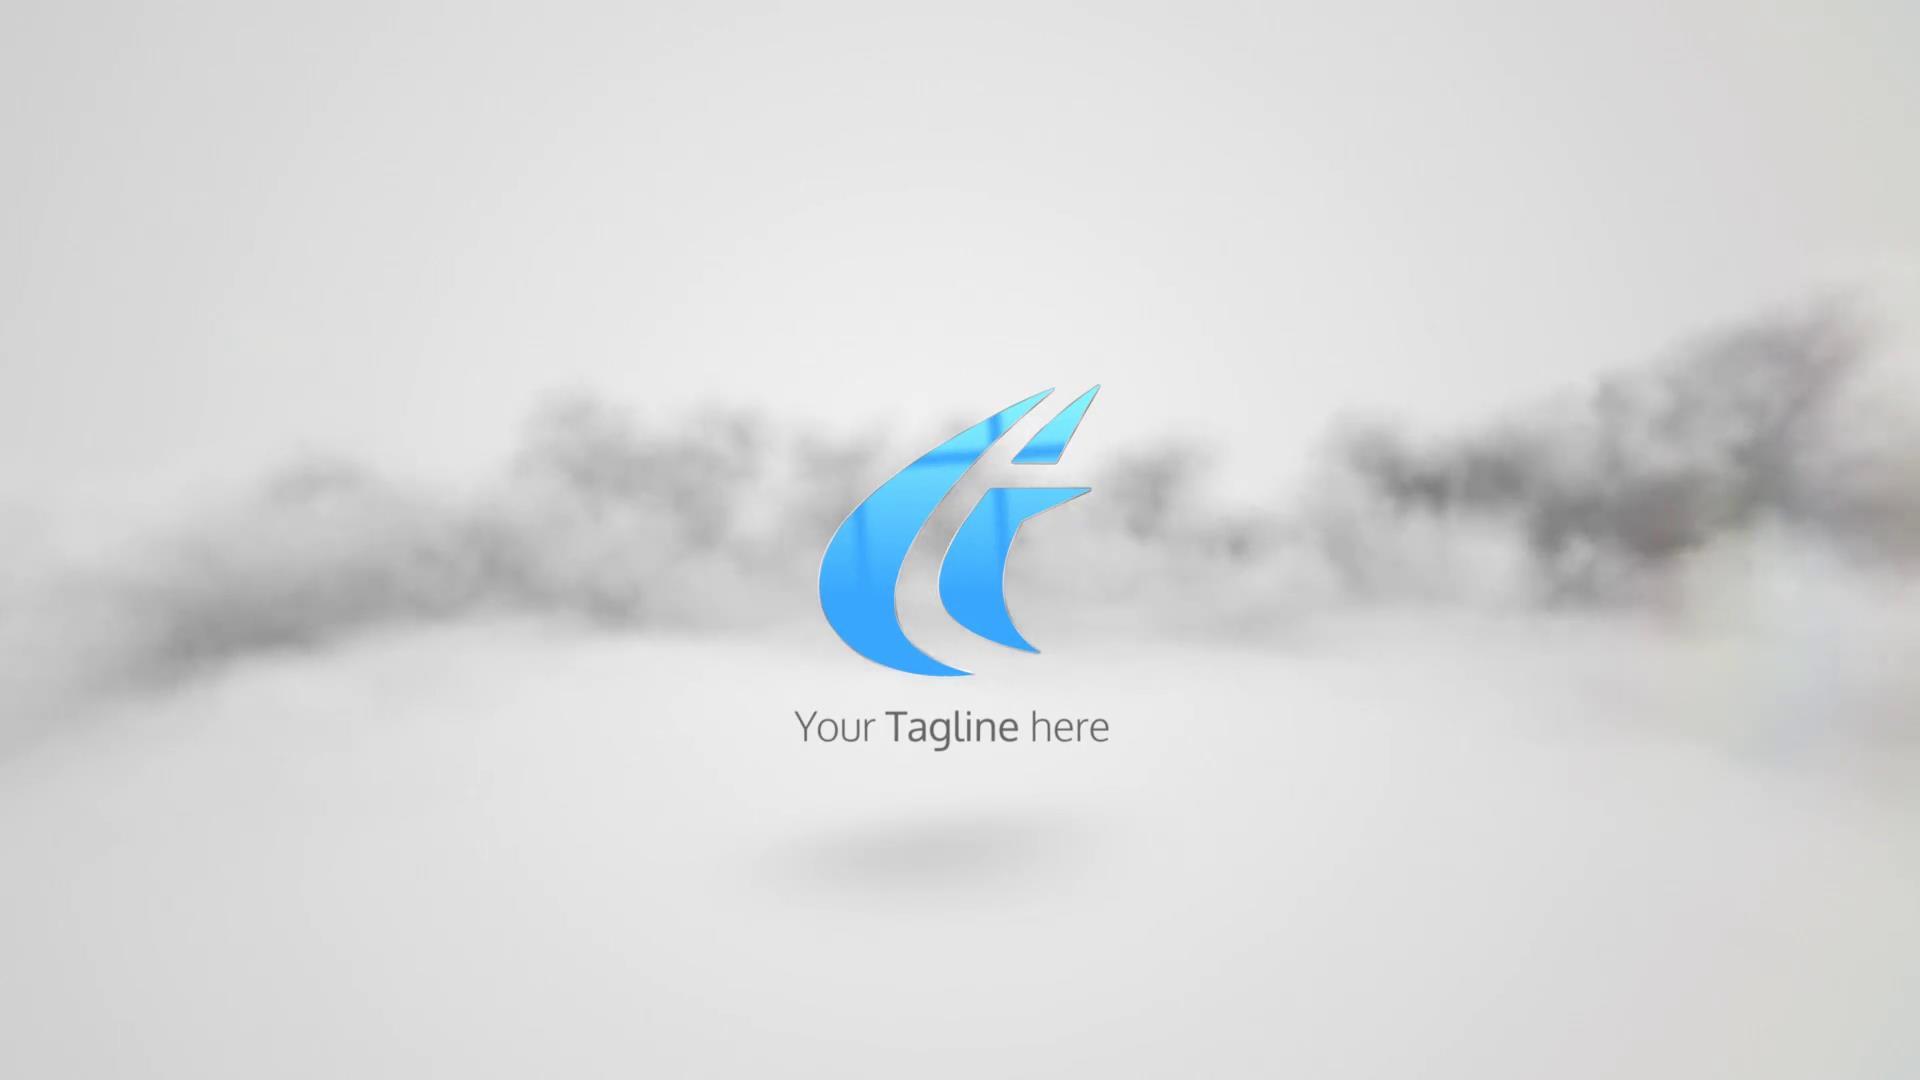 > 【素材推荐】简单干净明亮logo模板   这是一款简洁干净的烟雾冲击